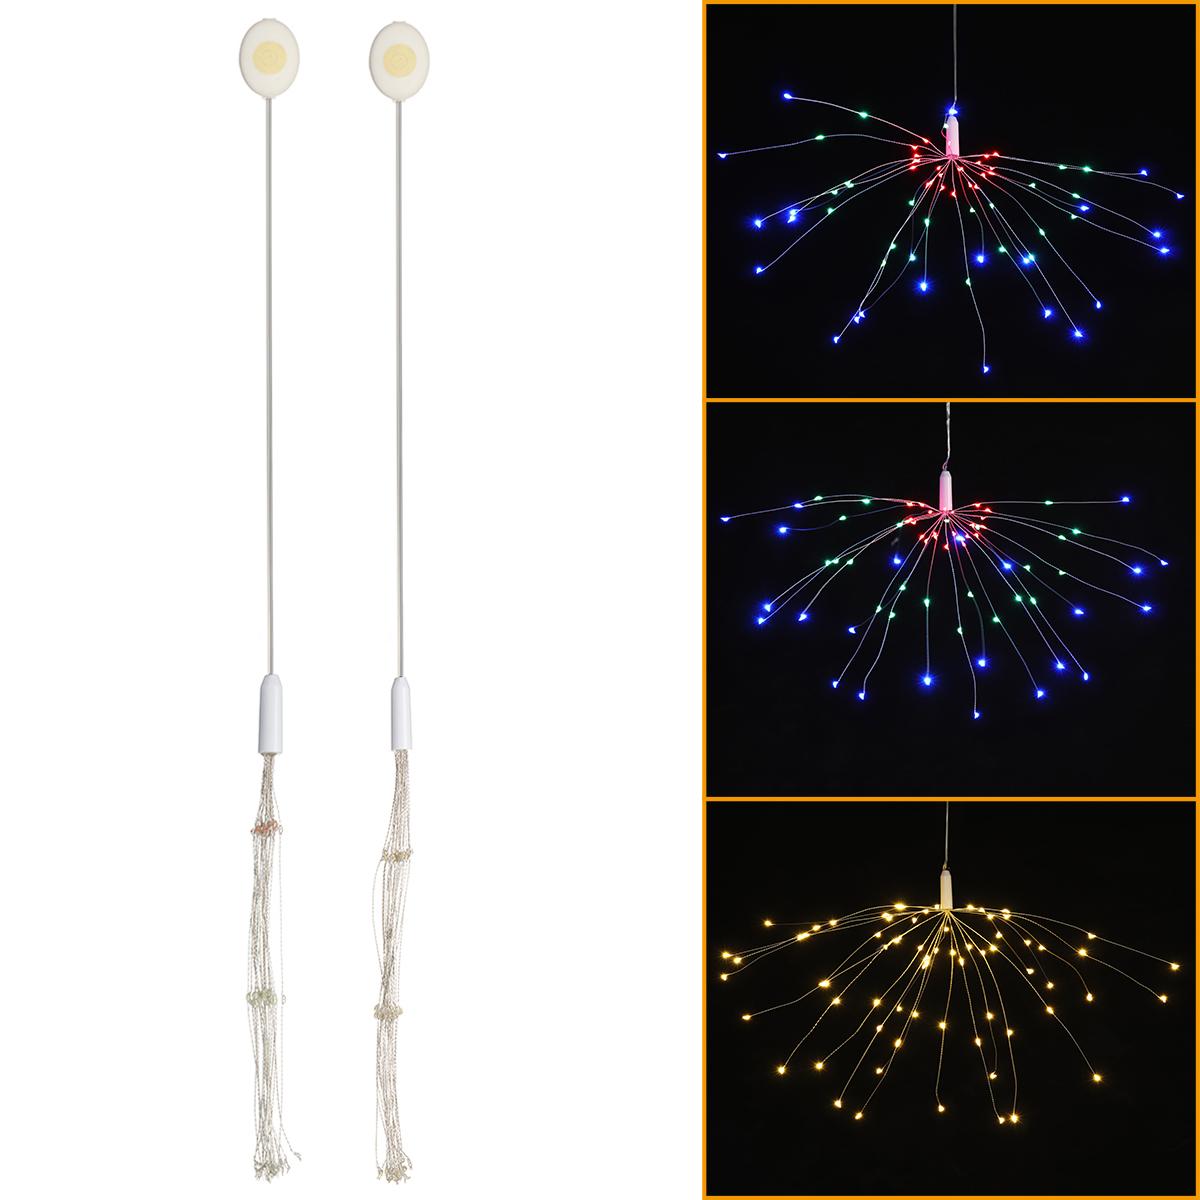 Кнопка Батарея Поставка 3 Режимы DIY LED Фейерверк Фея String Light Christmas Party Decor